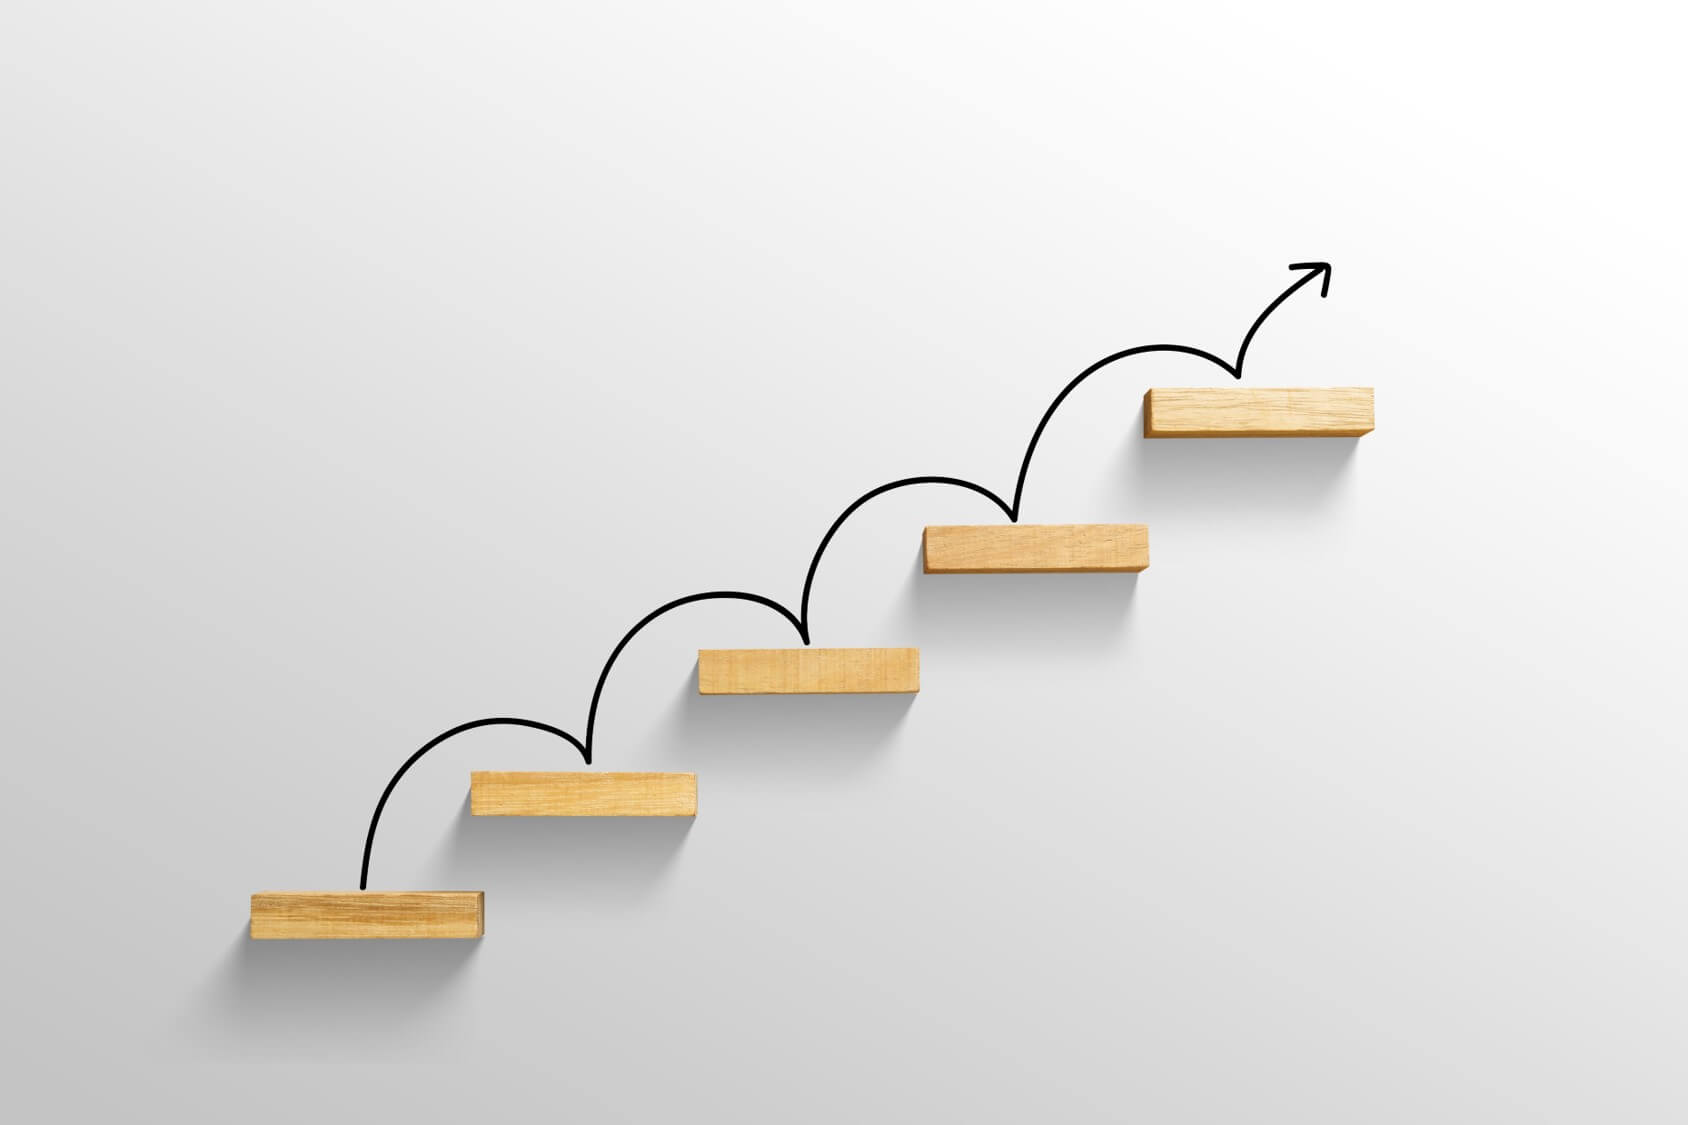 15 stappen crm succesplan